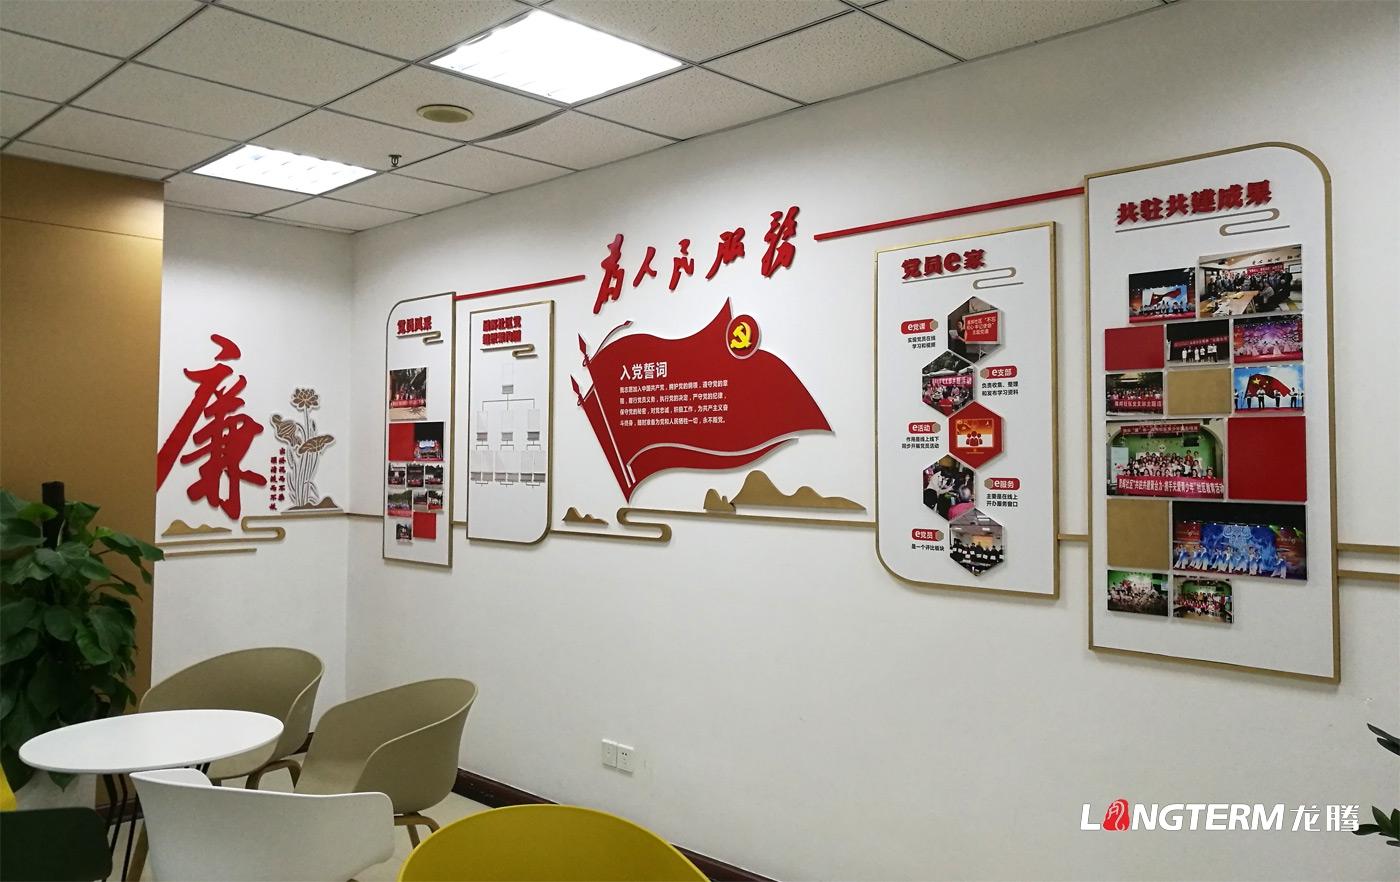 晨辉社区文化建设_成龙路街道办事处社区党建、廉政文化设计及制作安装